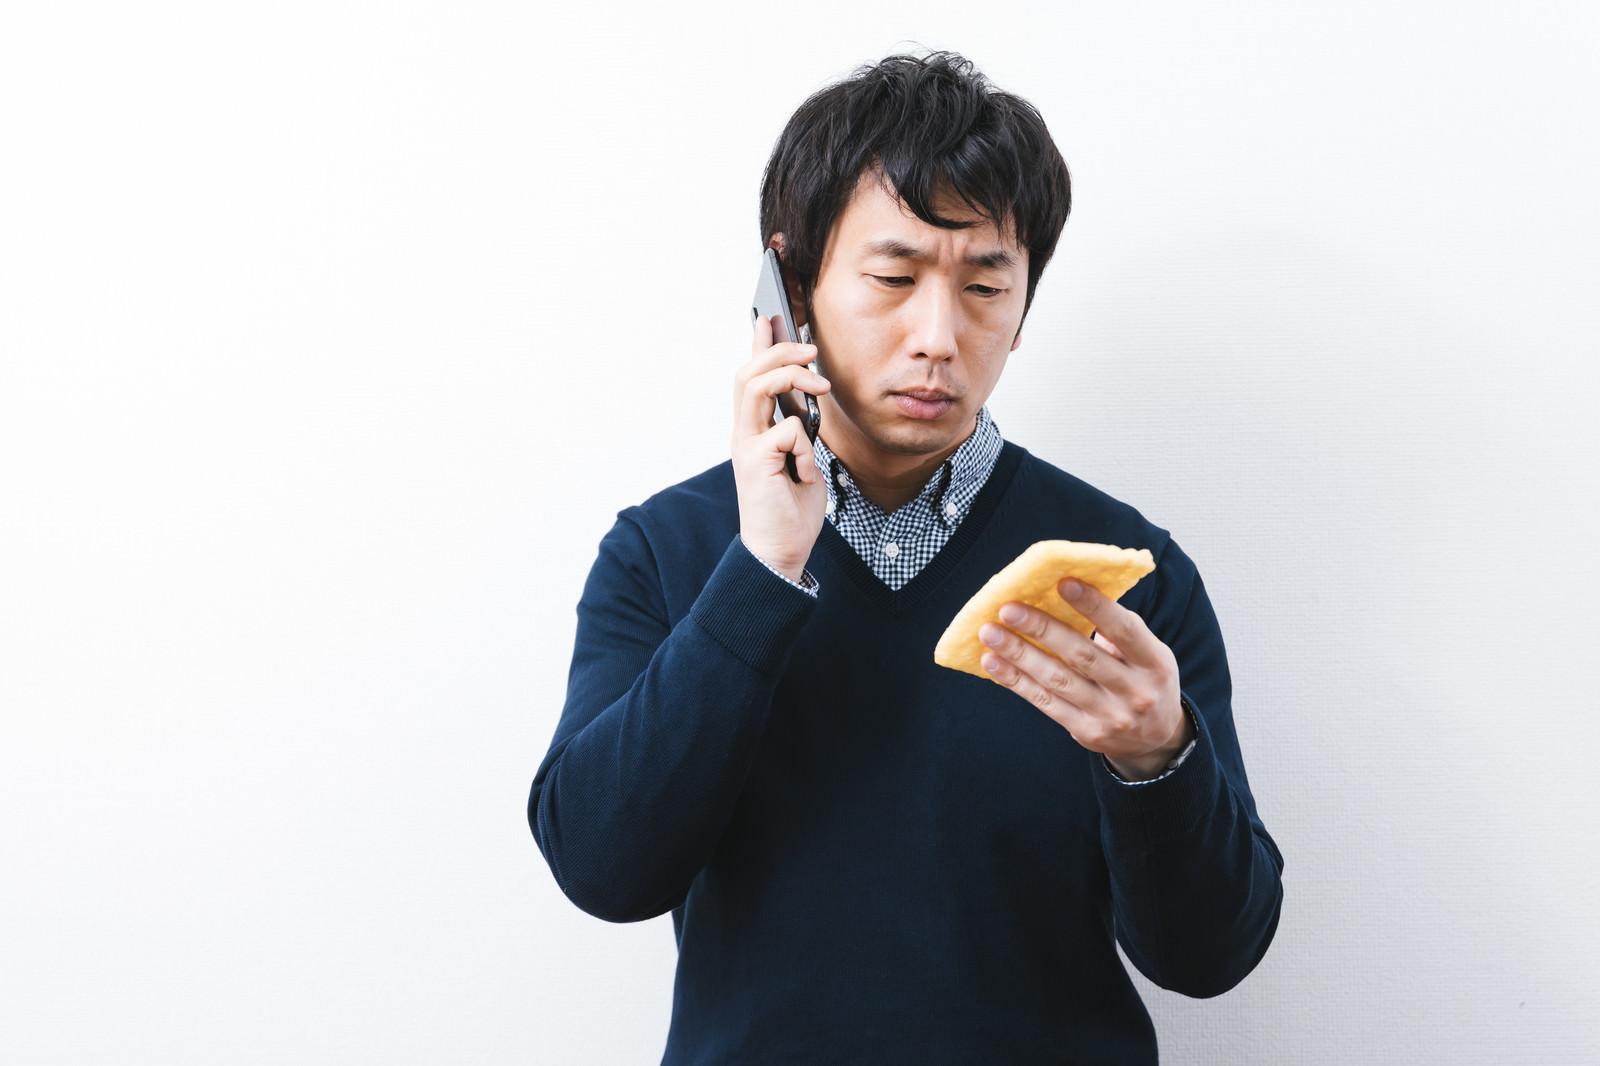 「油揚げに書かれたメモを見ながら通話する男性」の写真[モデル:大川竜弥]